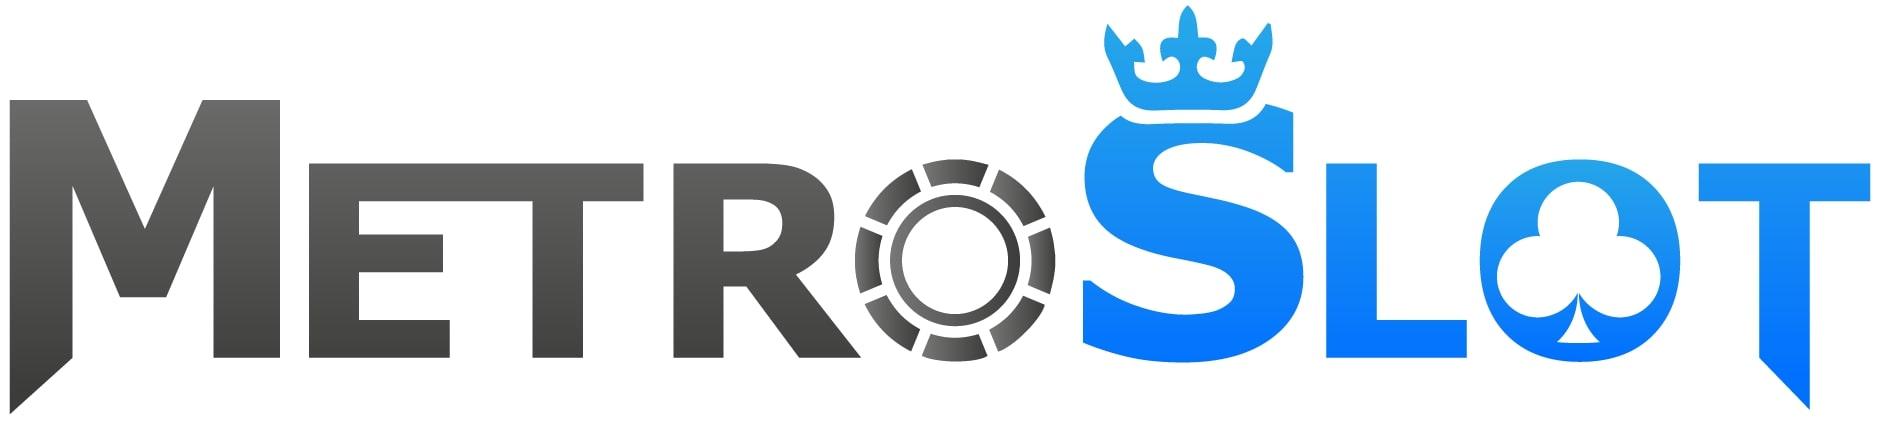 metroslot logo